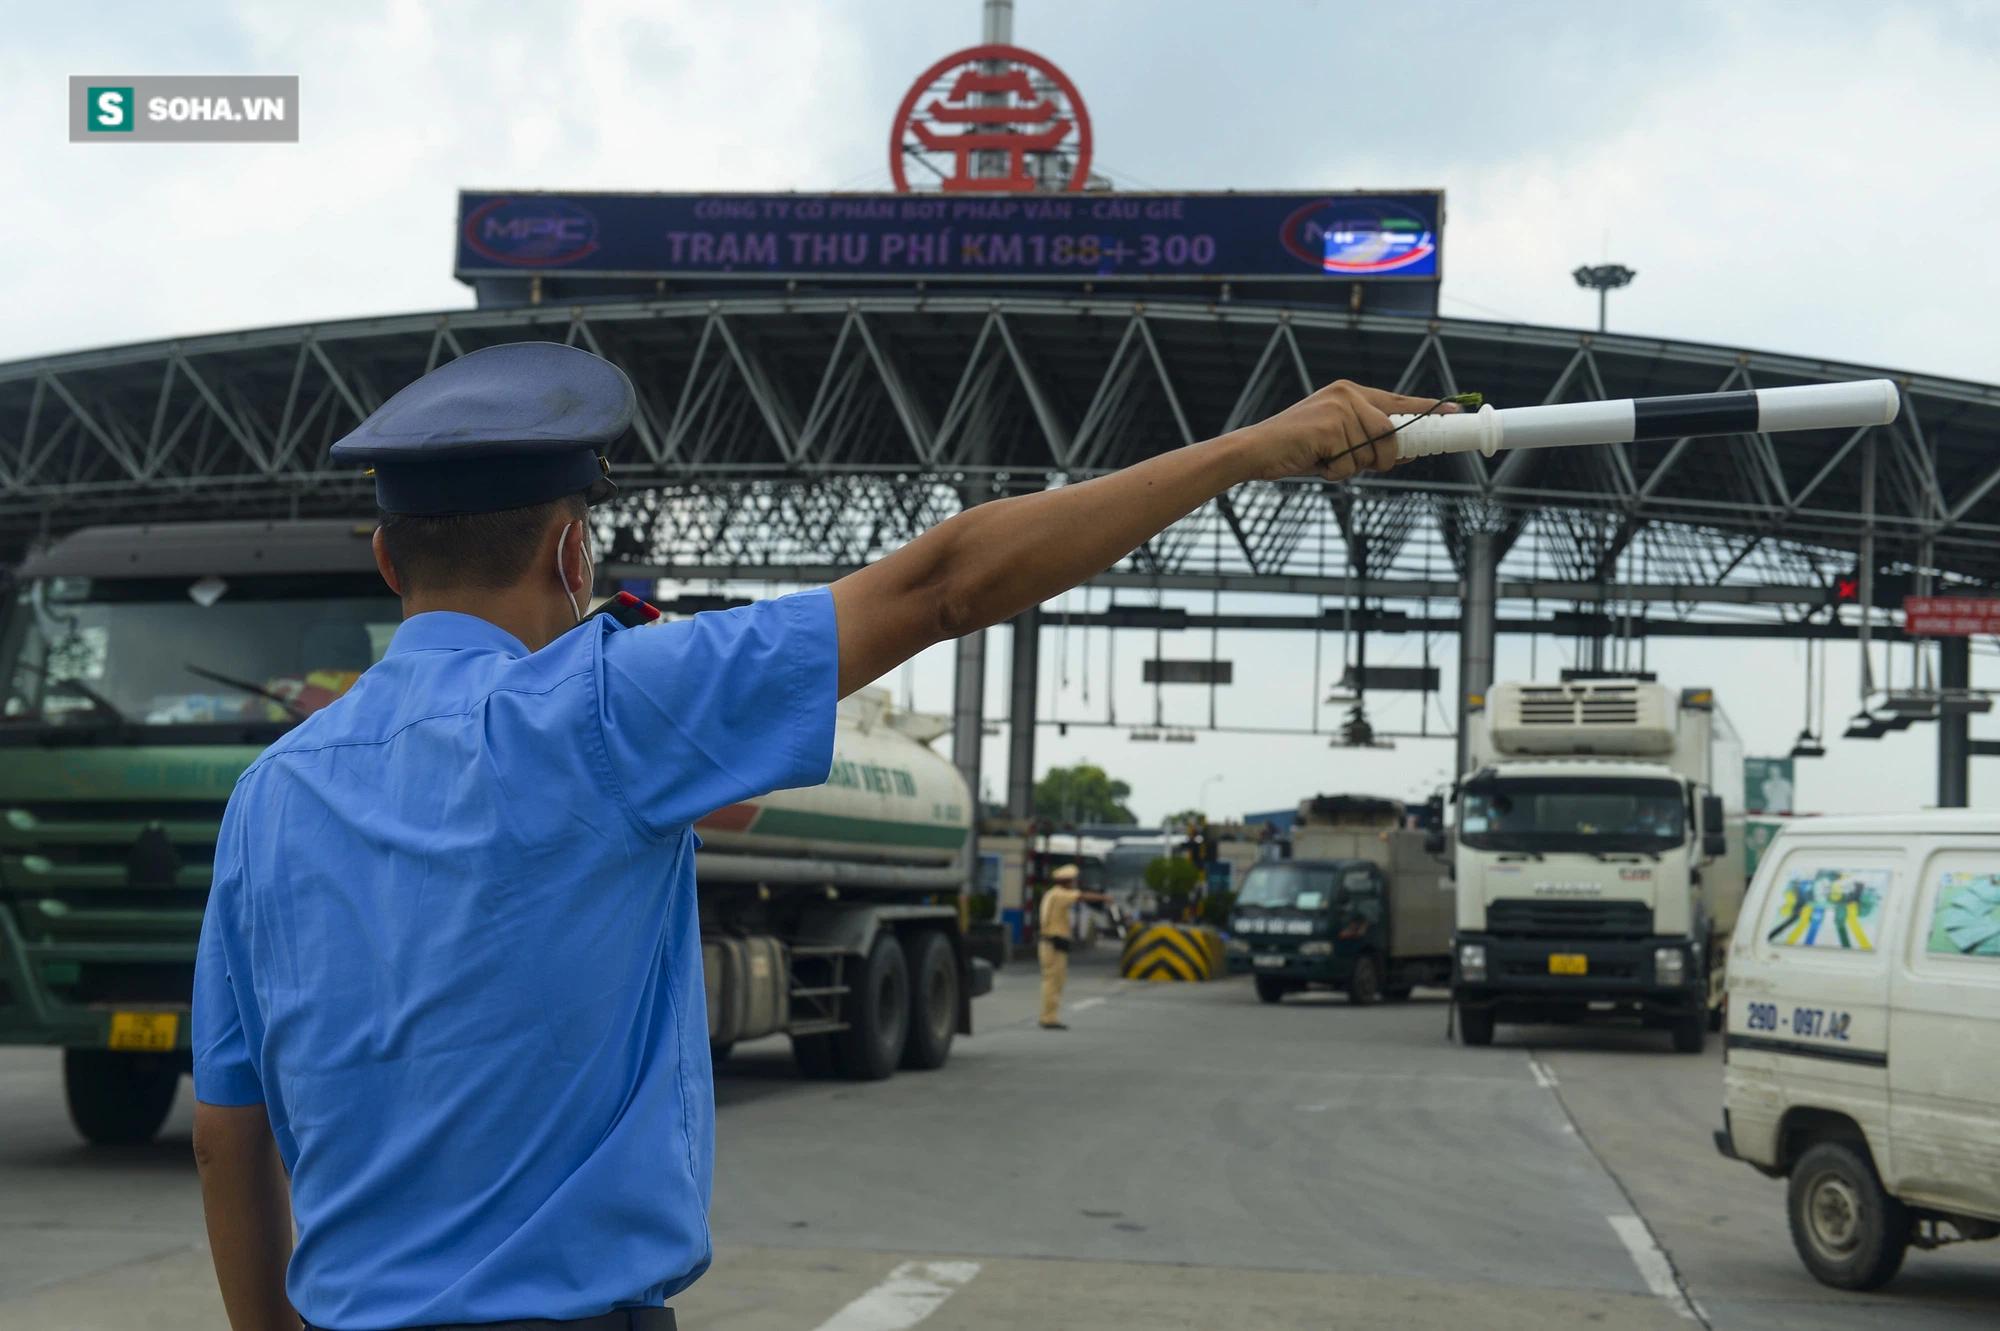 Hà Nội giãn cách xã hội, cao tốc Pháp Vân - Cầu Giẽ 80% xe phải quay đầu, nhiều tài xế bất ngờ, to tiếng với CSGT - Ảnh 2.